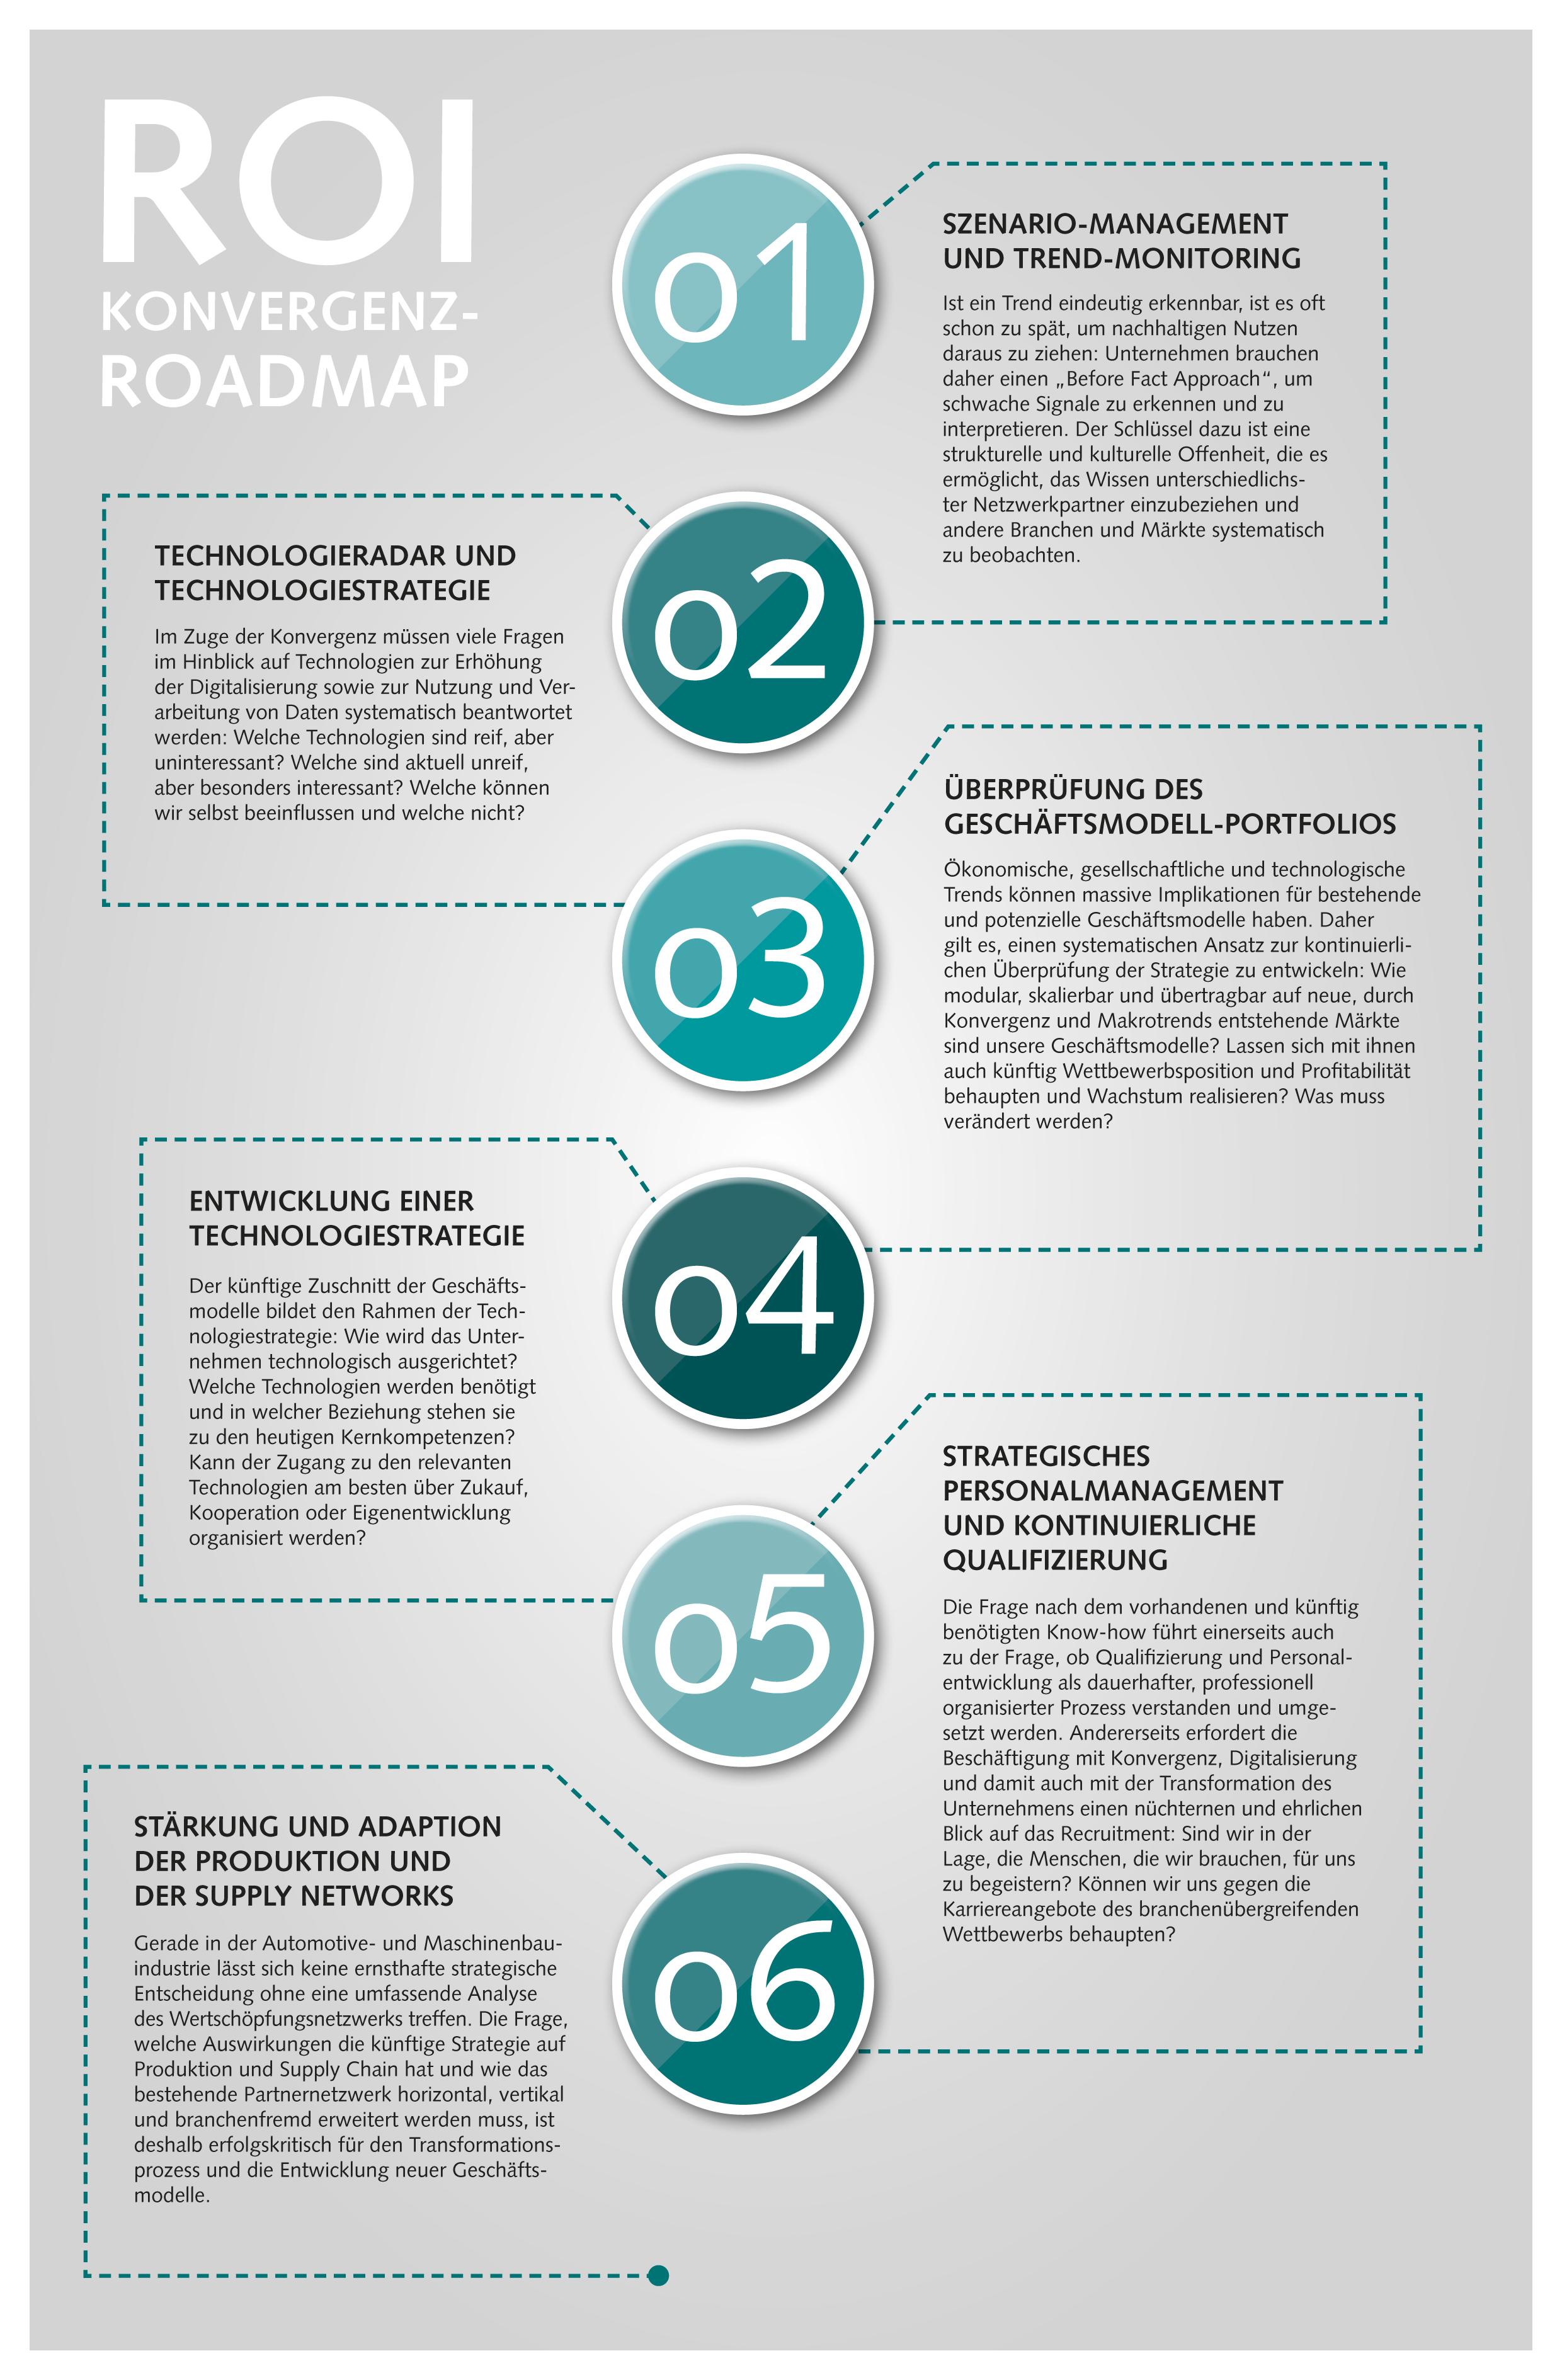 Grafik zu den verschiedenen Schritte der ROI Konvergenz Roadmap